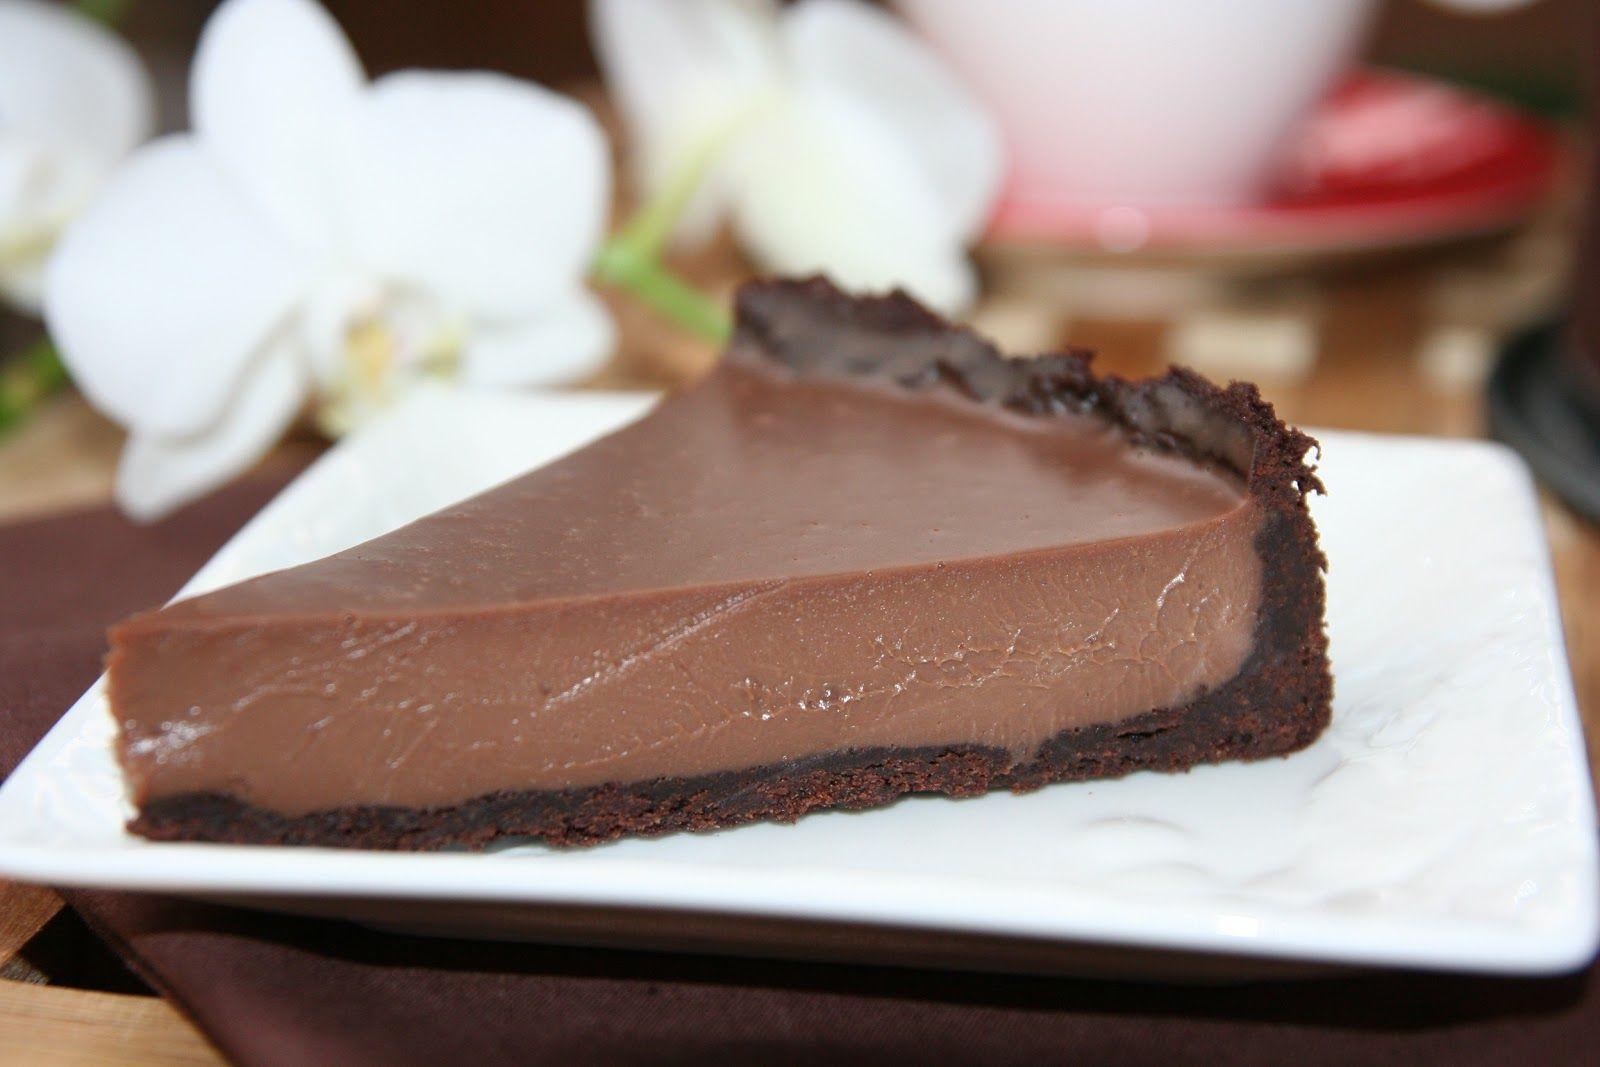 статье подробнее шоколадные десерты рецепты с фото картинка достаточна